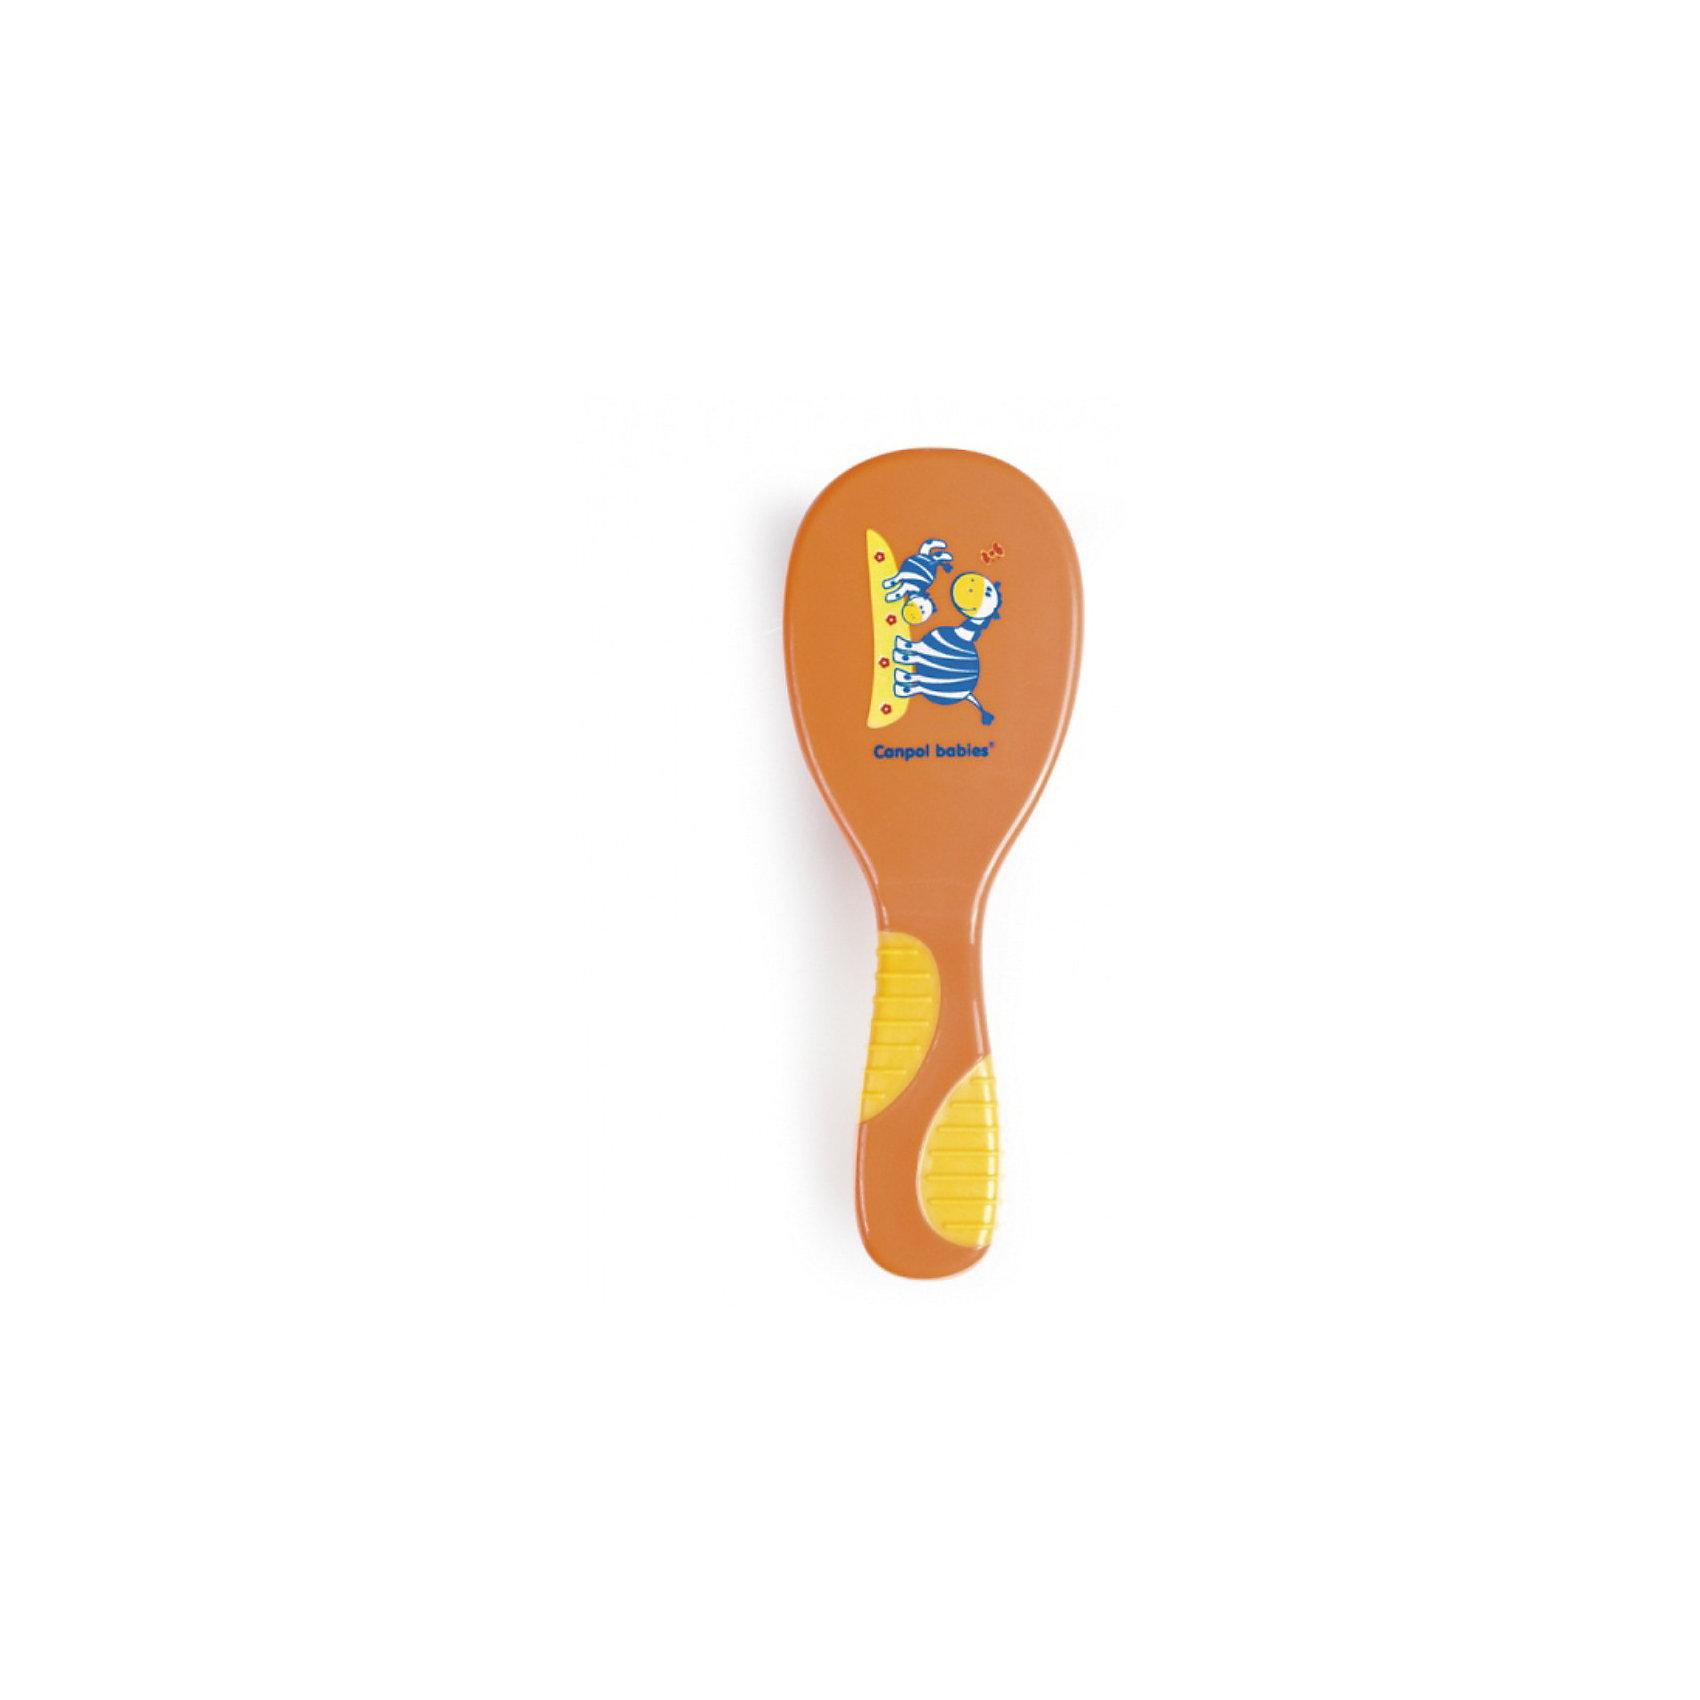 Щетка-расческа Сафари, Canpol Babies, оранжевый